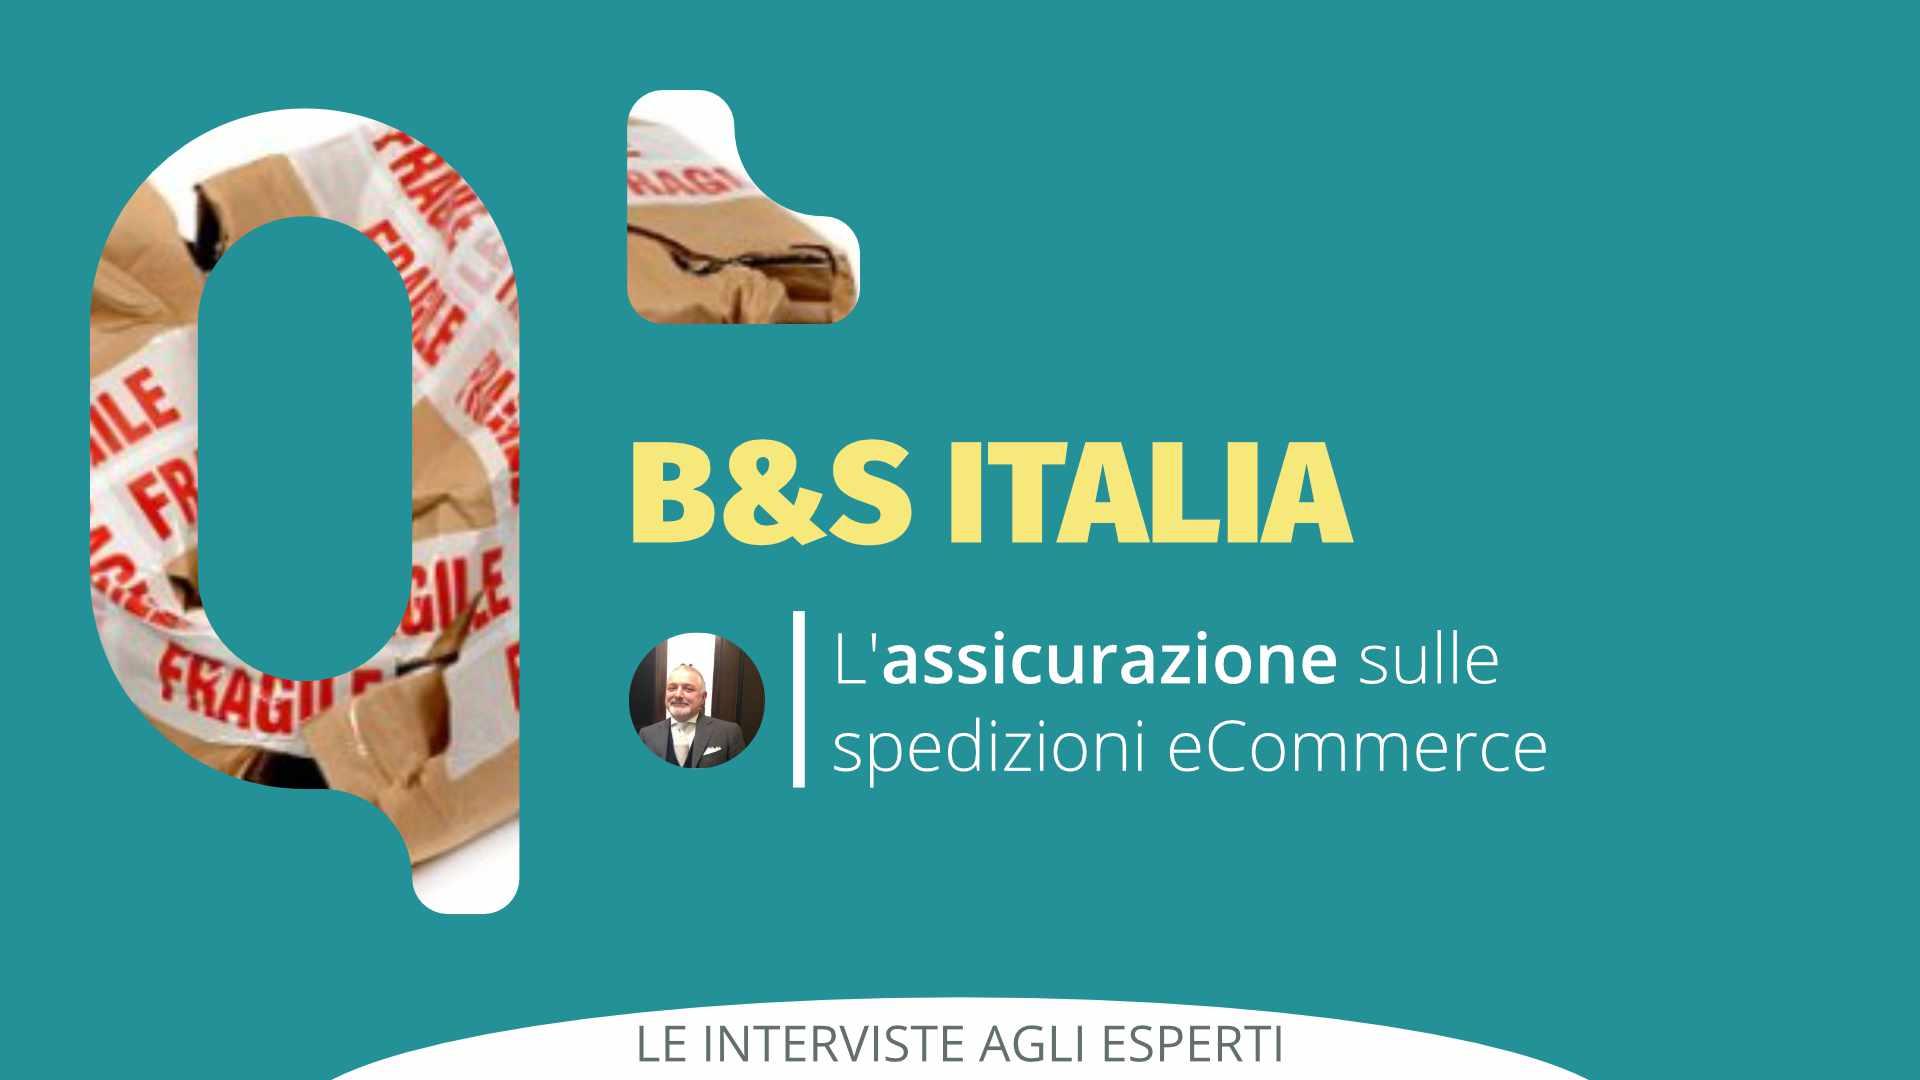 L'Assicurazione sulle Spedizioni eCommerce: Intervista a B&S ITALIA